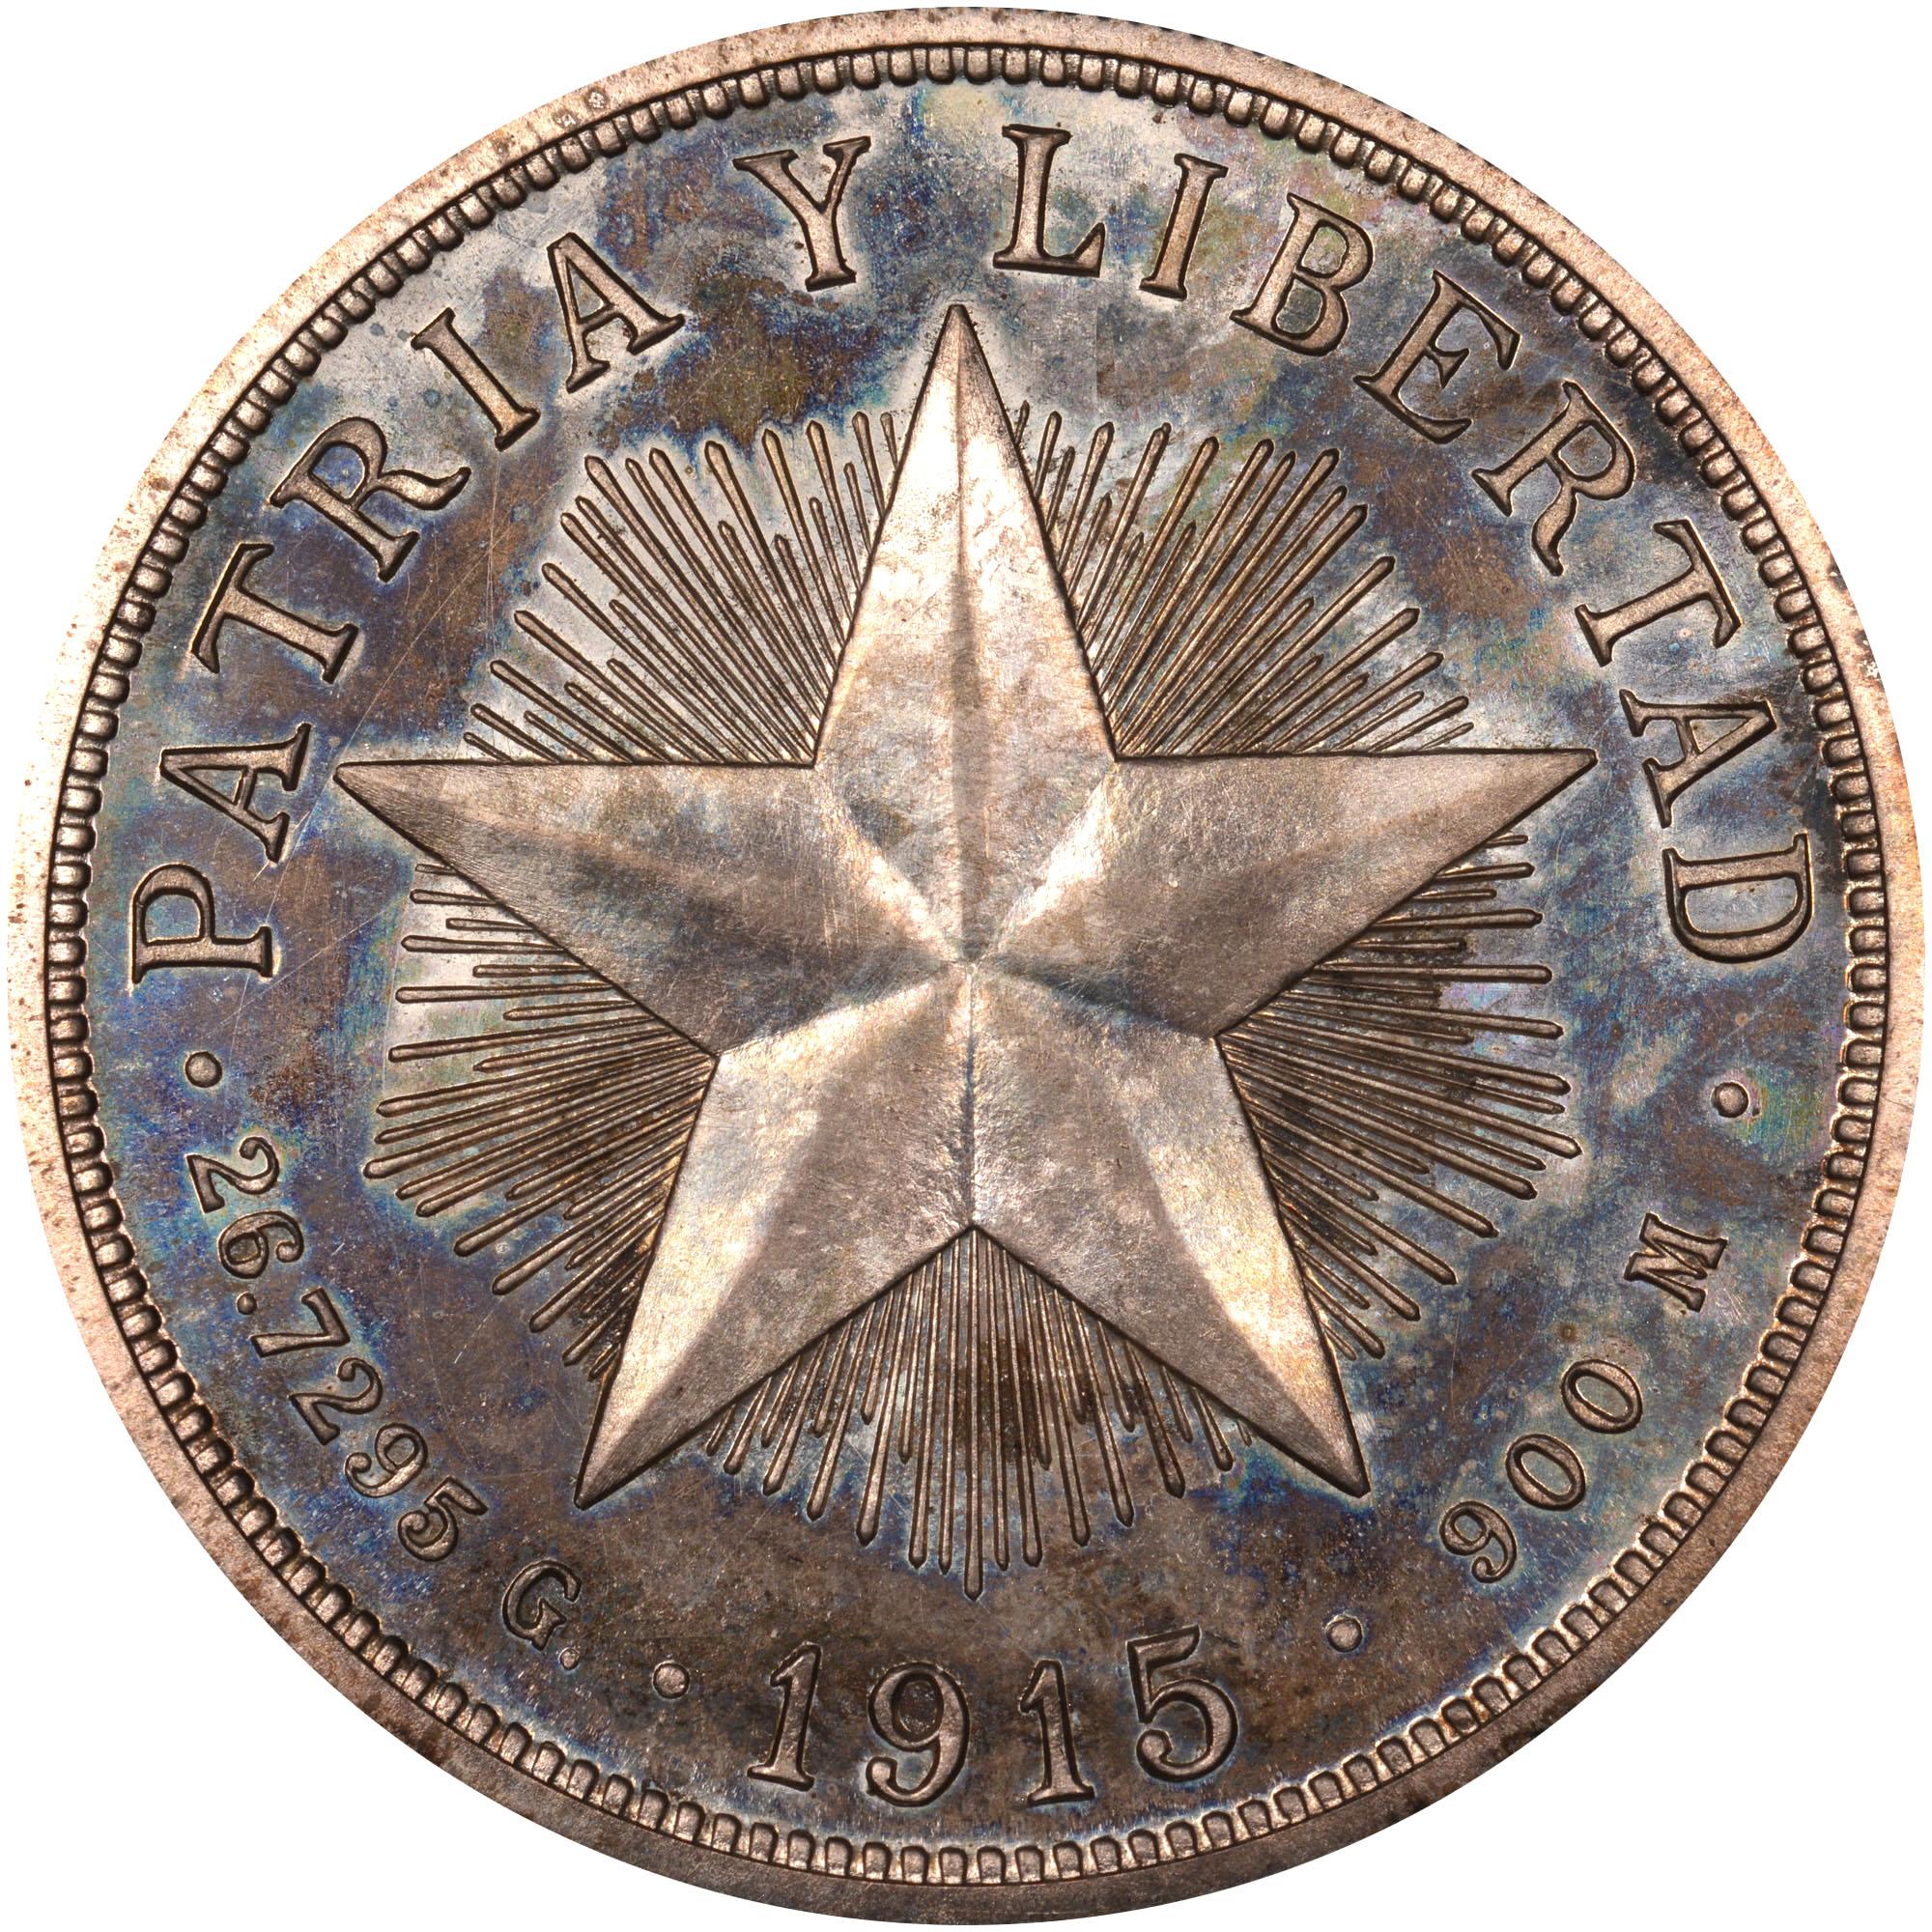 1915 Cuba Peso reverse